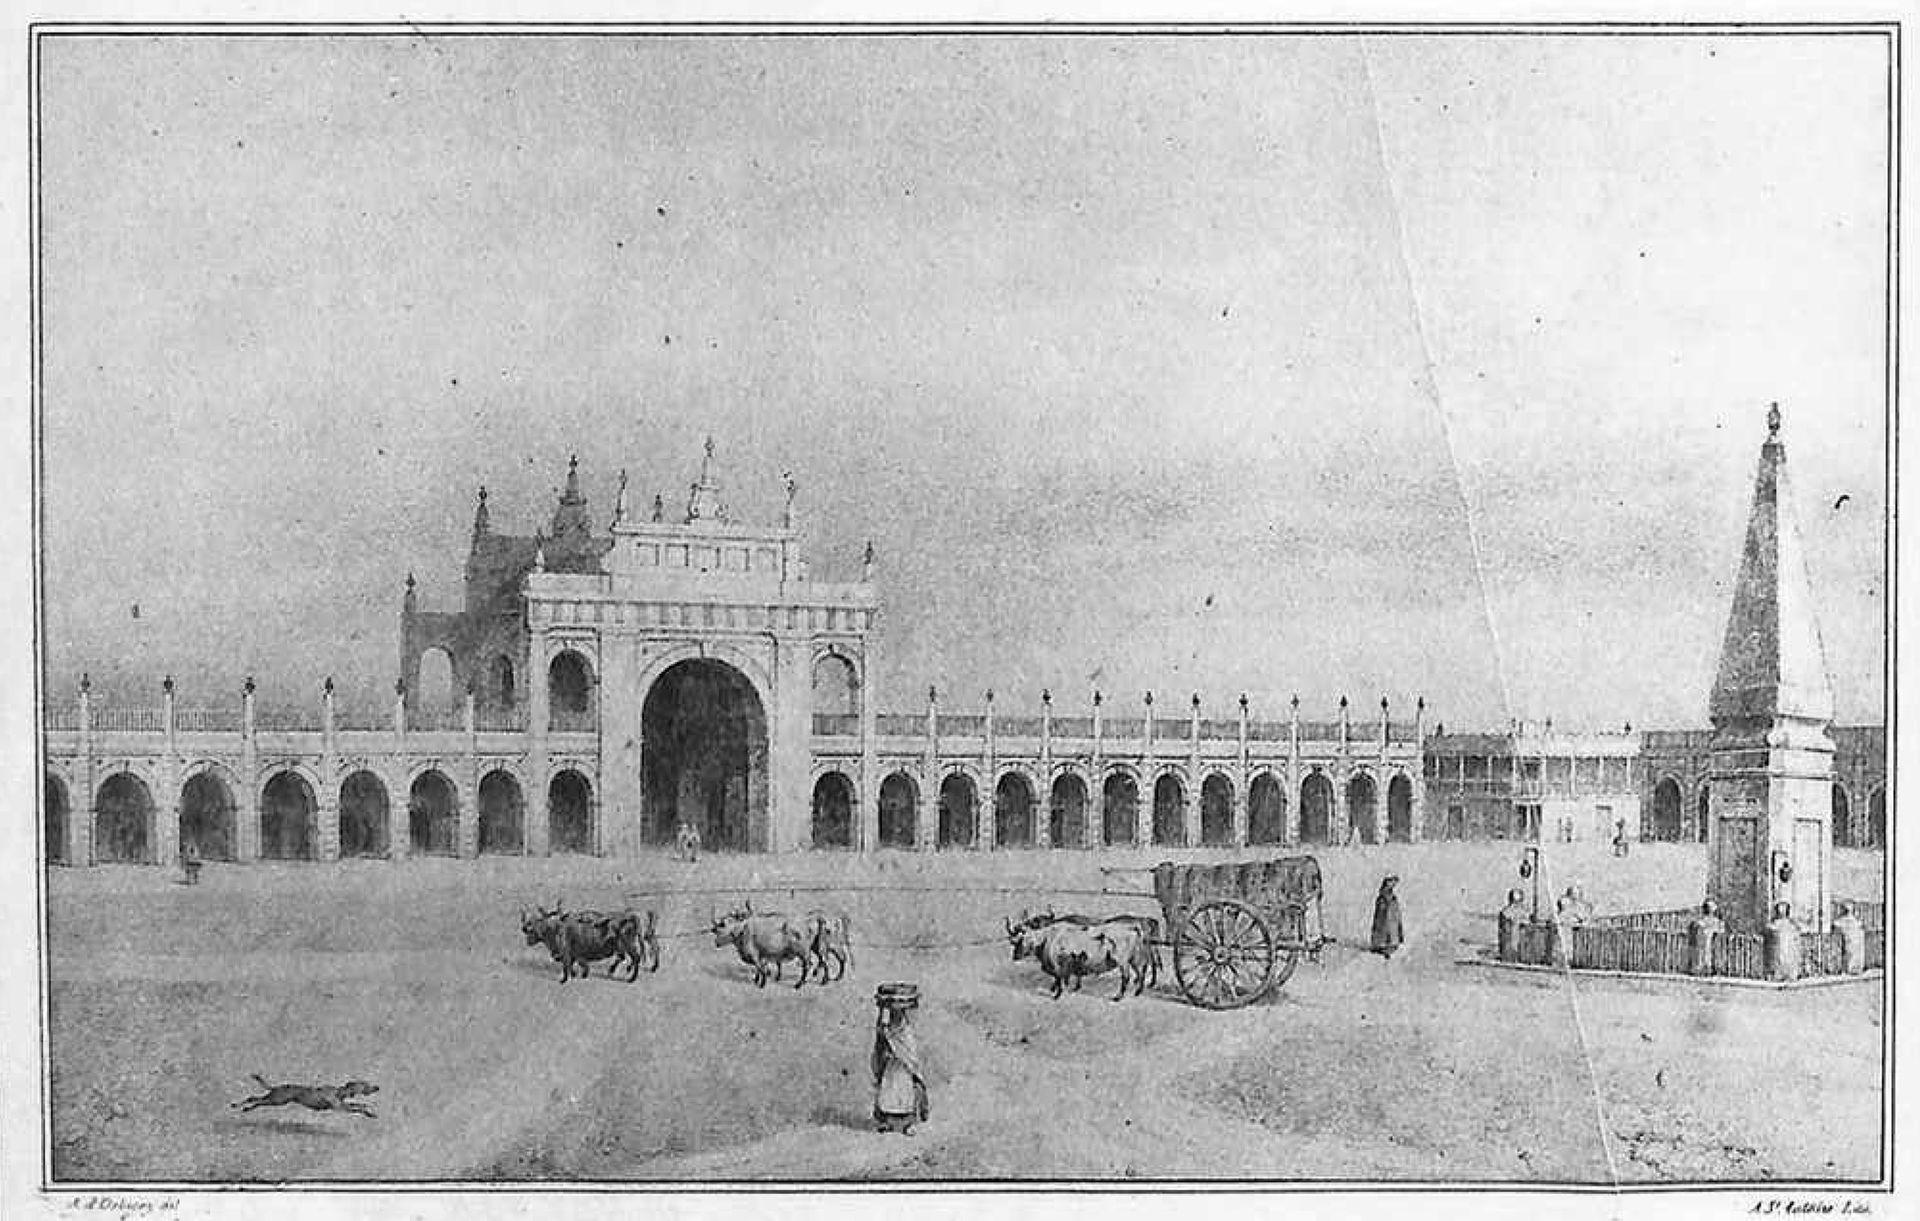 Litografía de César Bacle de la Recova y la Plaza de la Victoria. 1835. Se ve la primera Pirámide de Mayo, la que fue instalada en 1811, modificada en 1856 y trasladada al centro de la plaza unificada, mucho más tarde, en 1912.